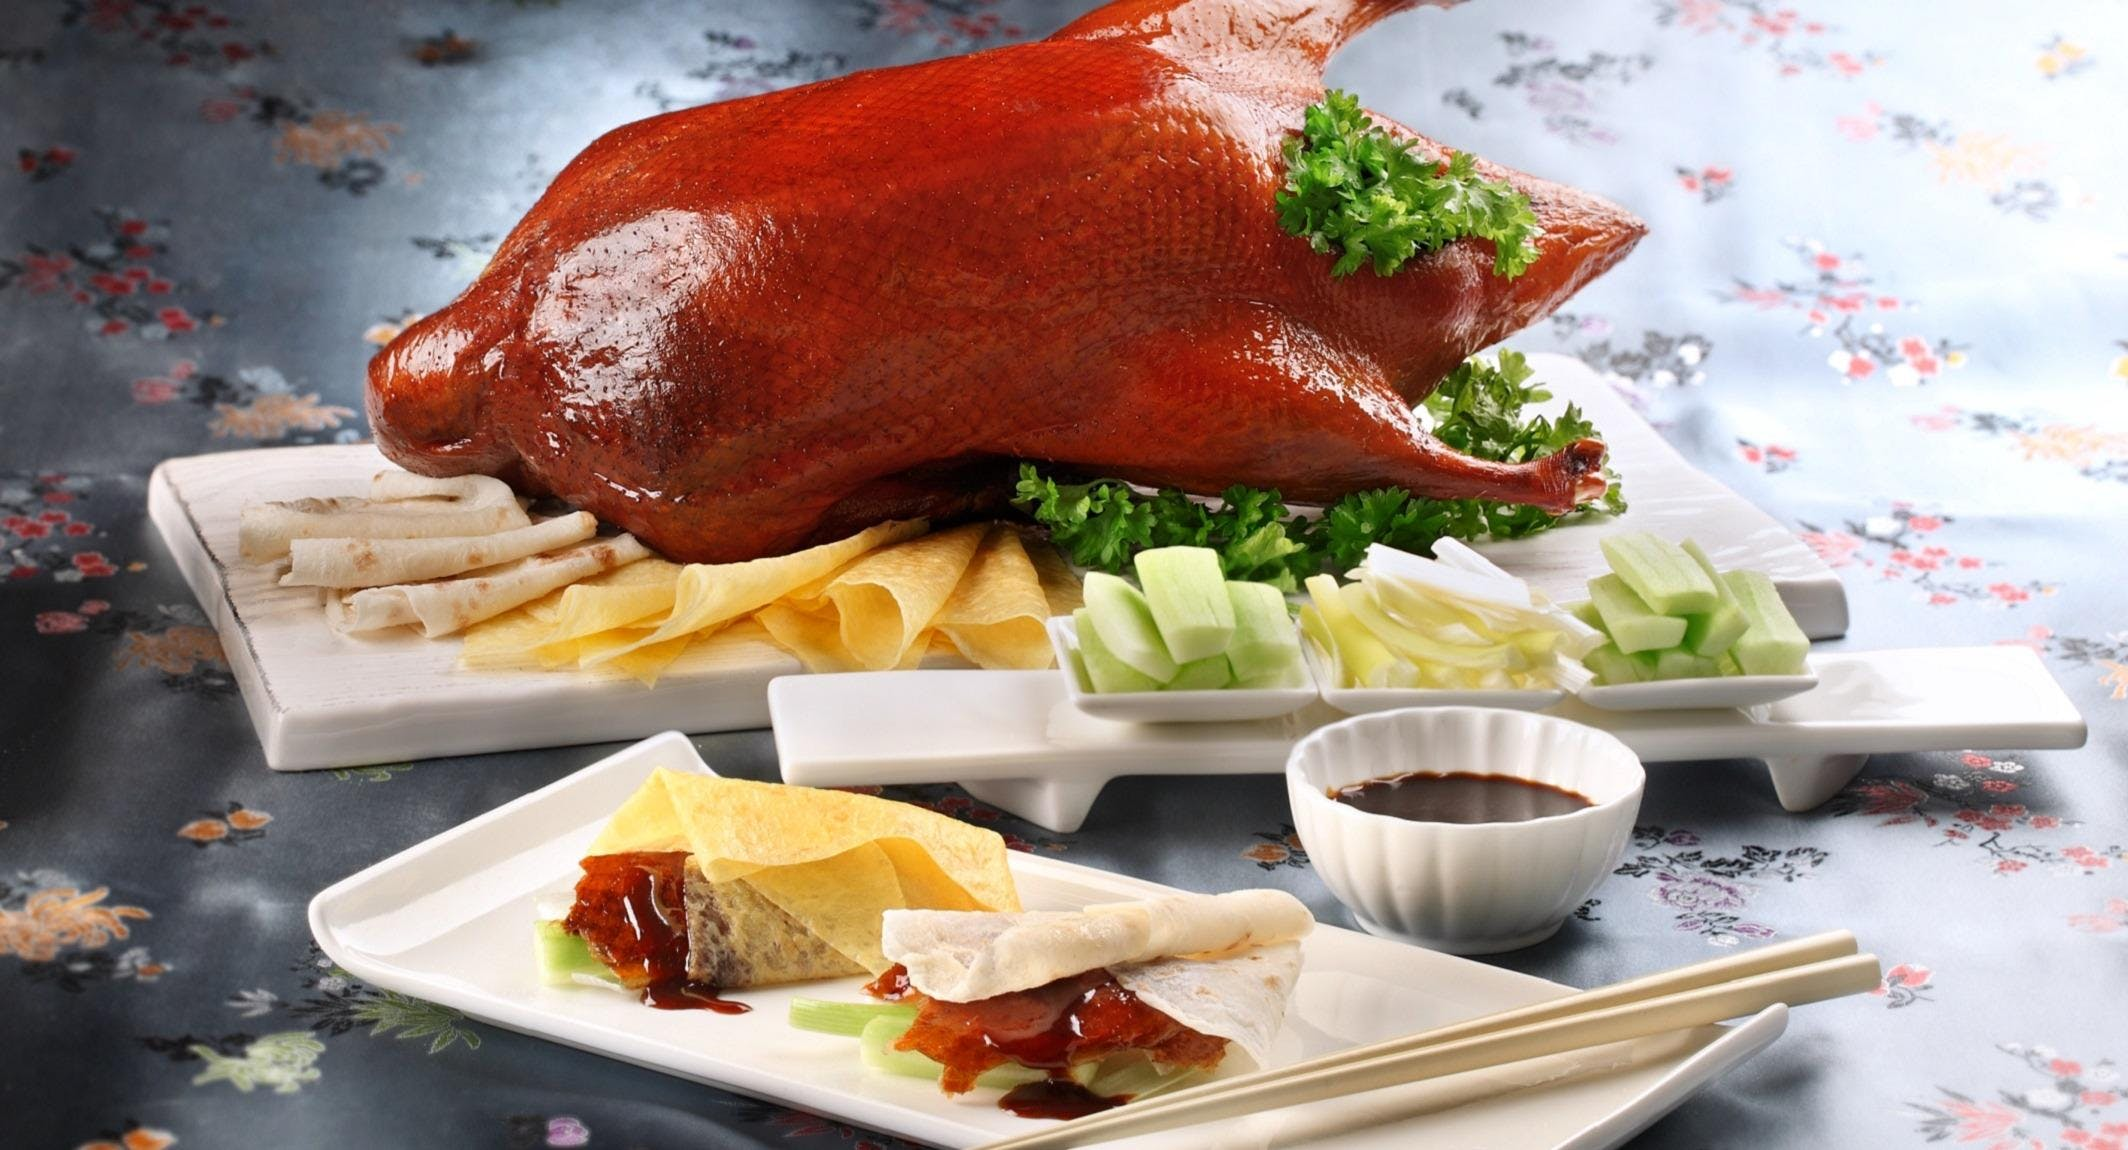 Prima Tower Revolving Restaurant Singapore image 1